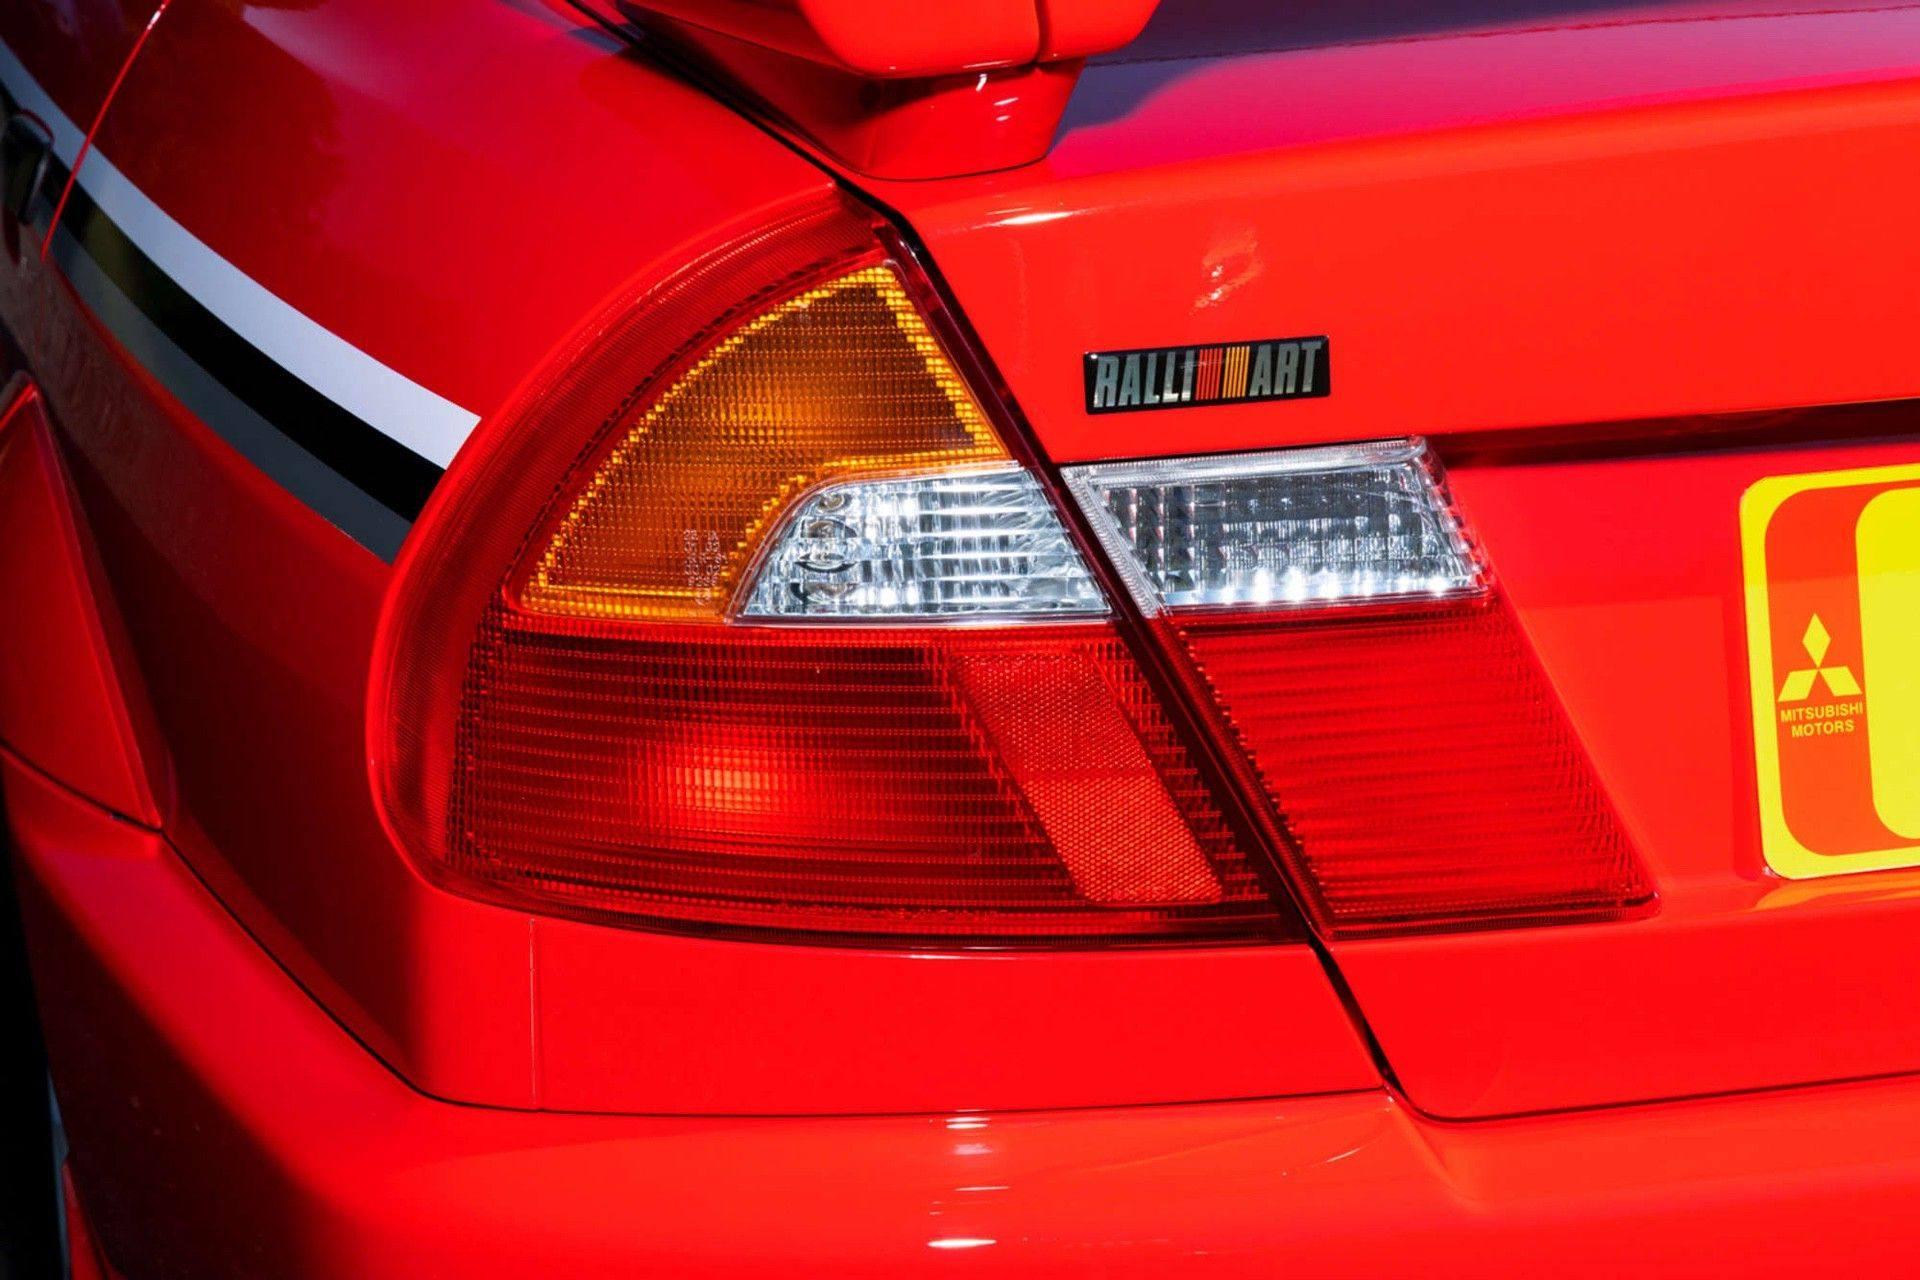 2000_Mitsubishi_Lancer_Evolution_VI_Tommi_Makinen_Edition_sale-0029